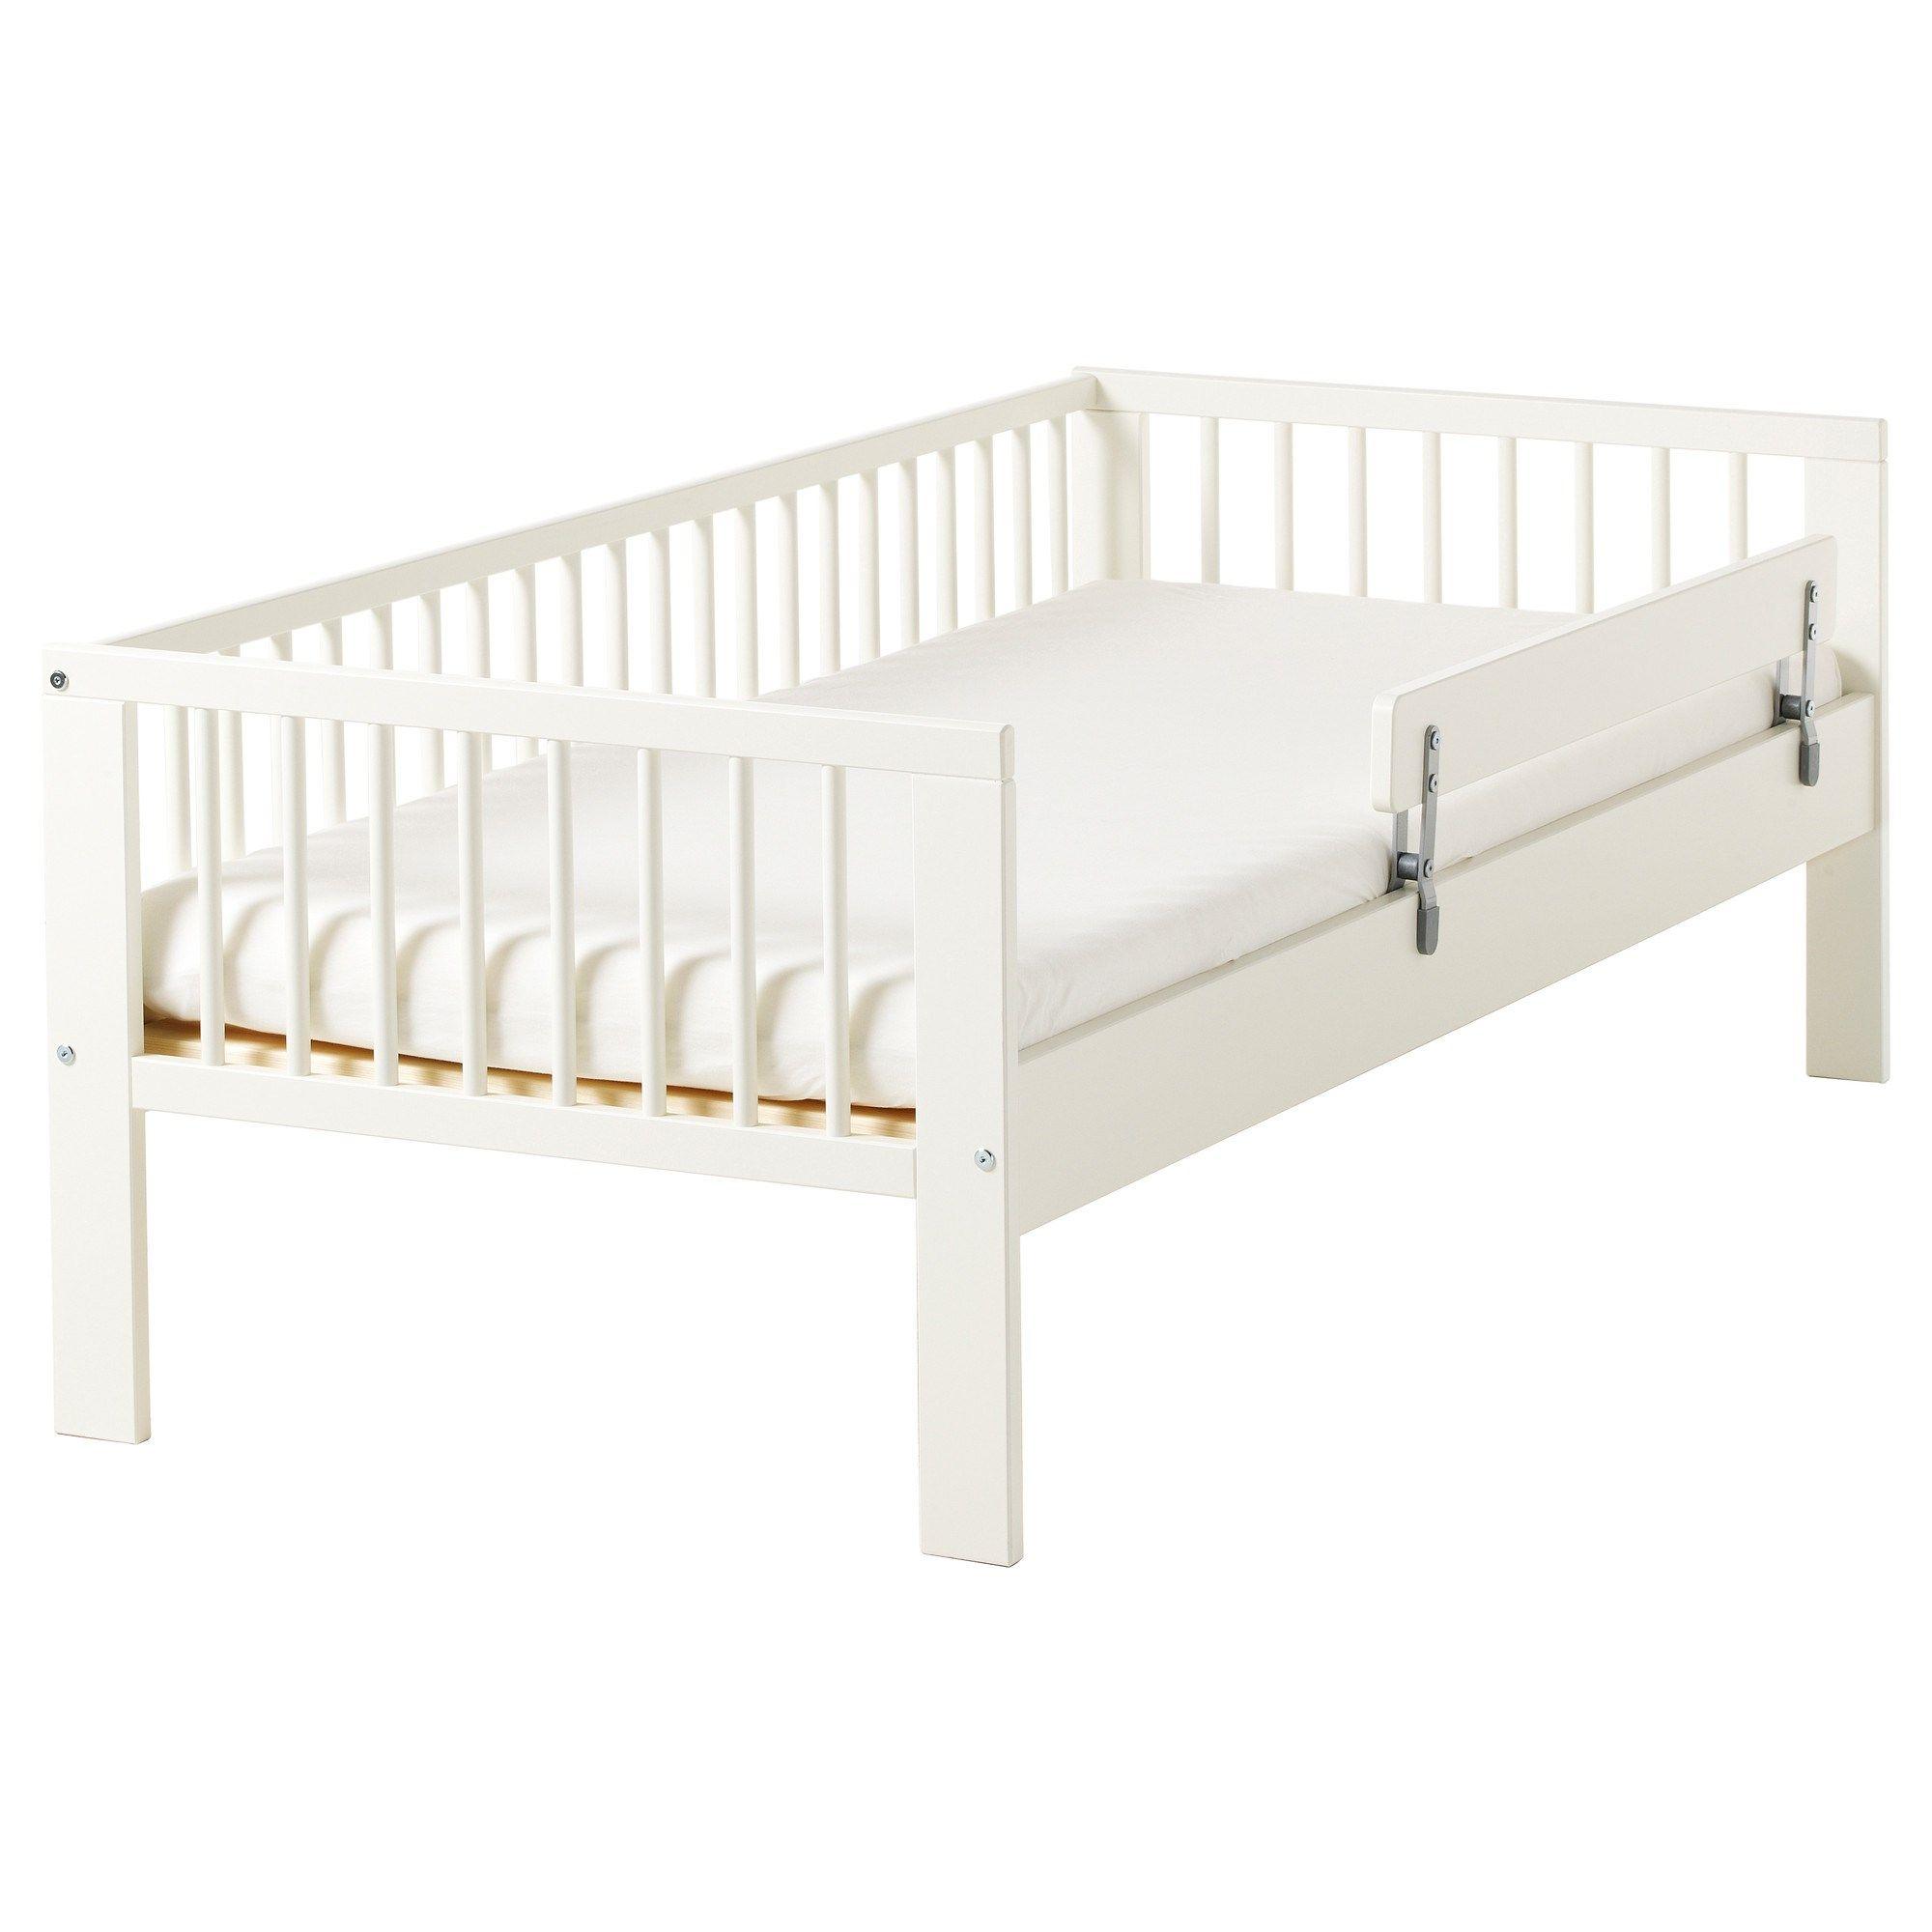 GULLIVER çocuk karyolası beyaz 70x160 cm IKEA IKEA Çocuk